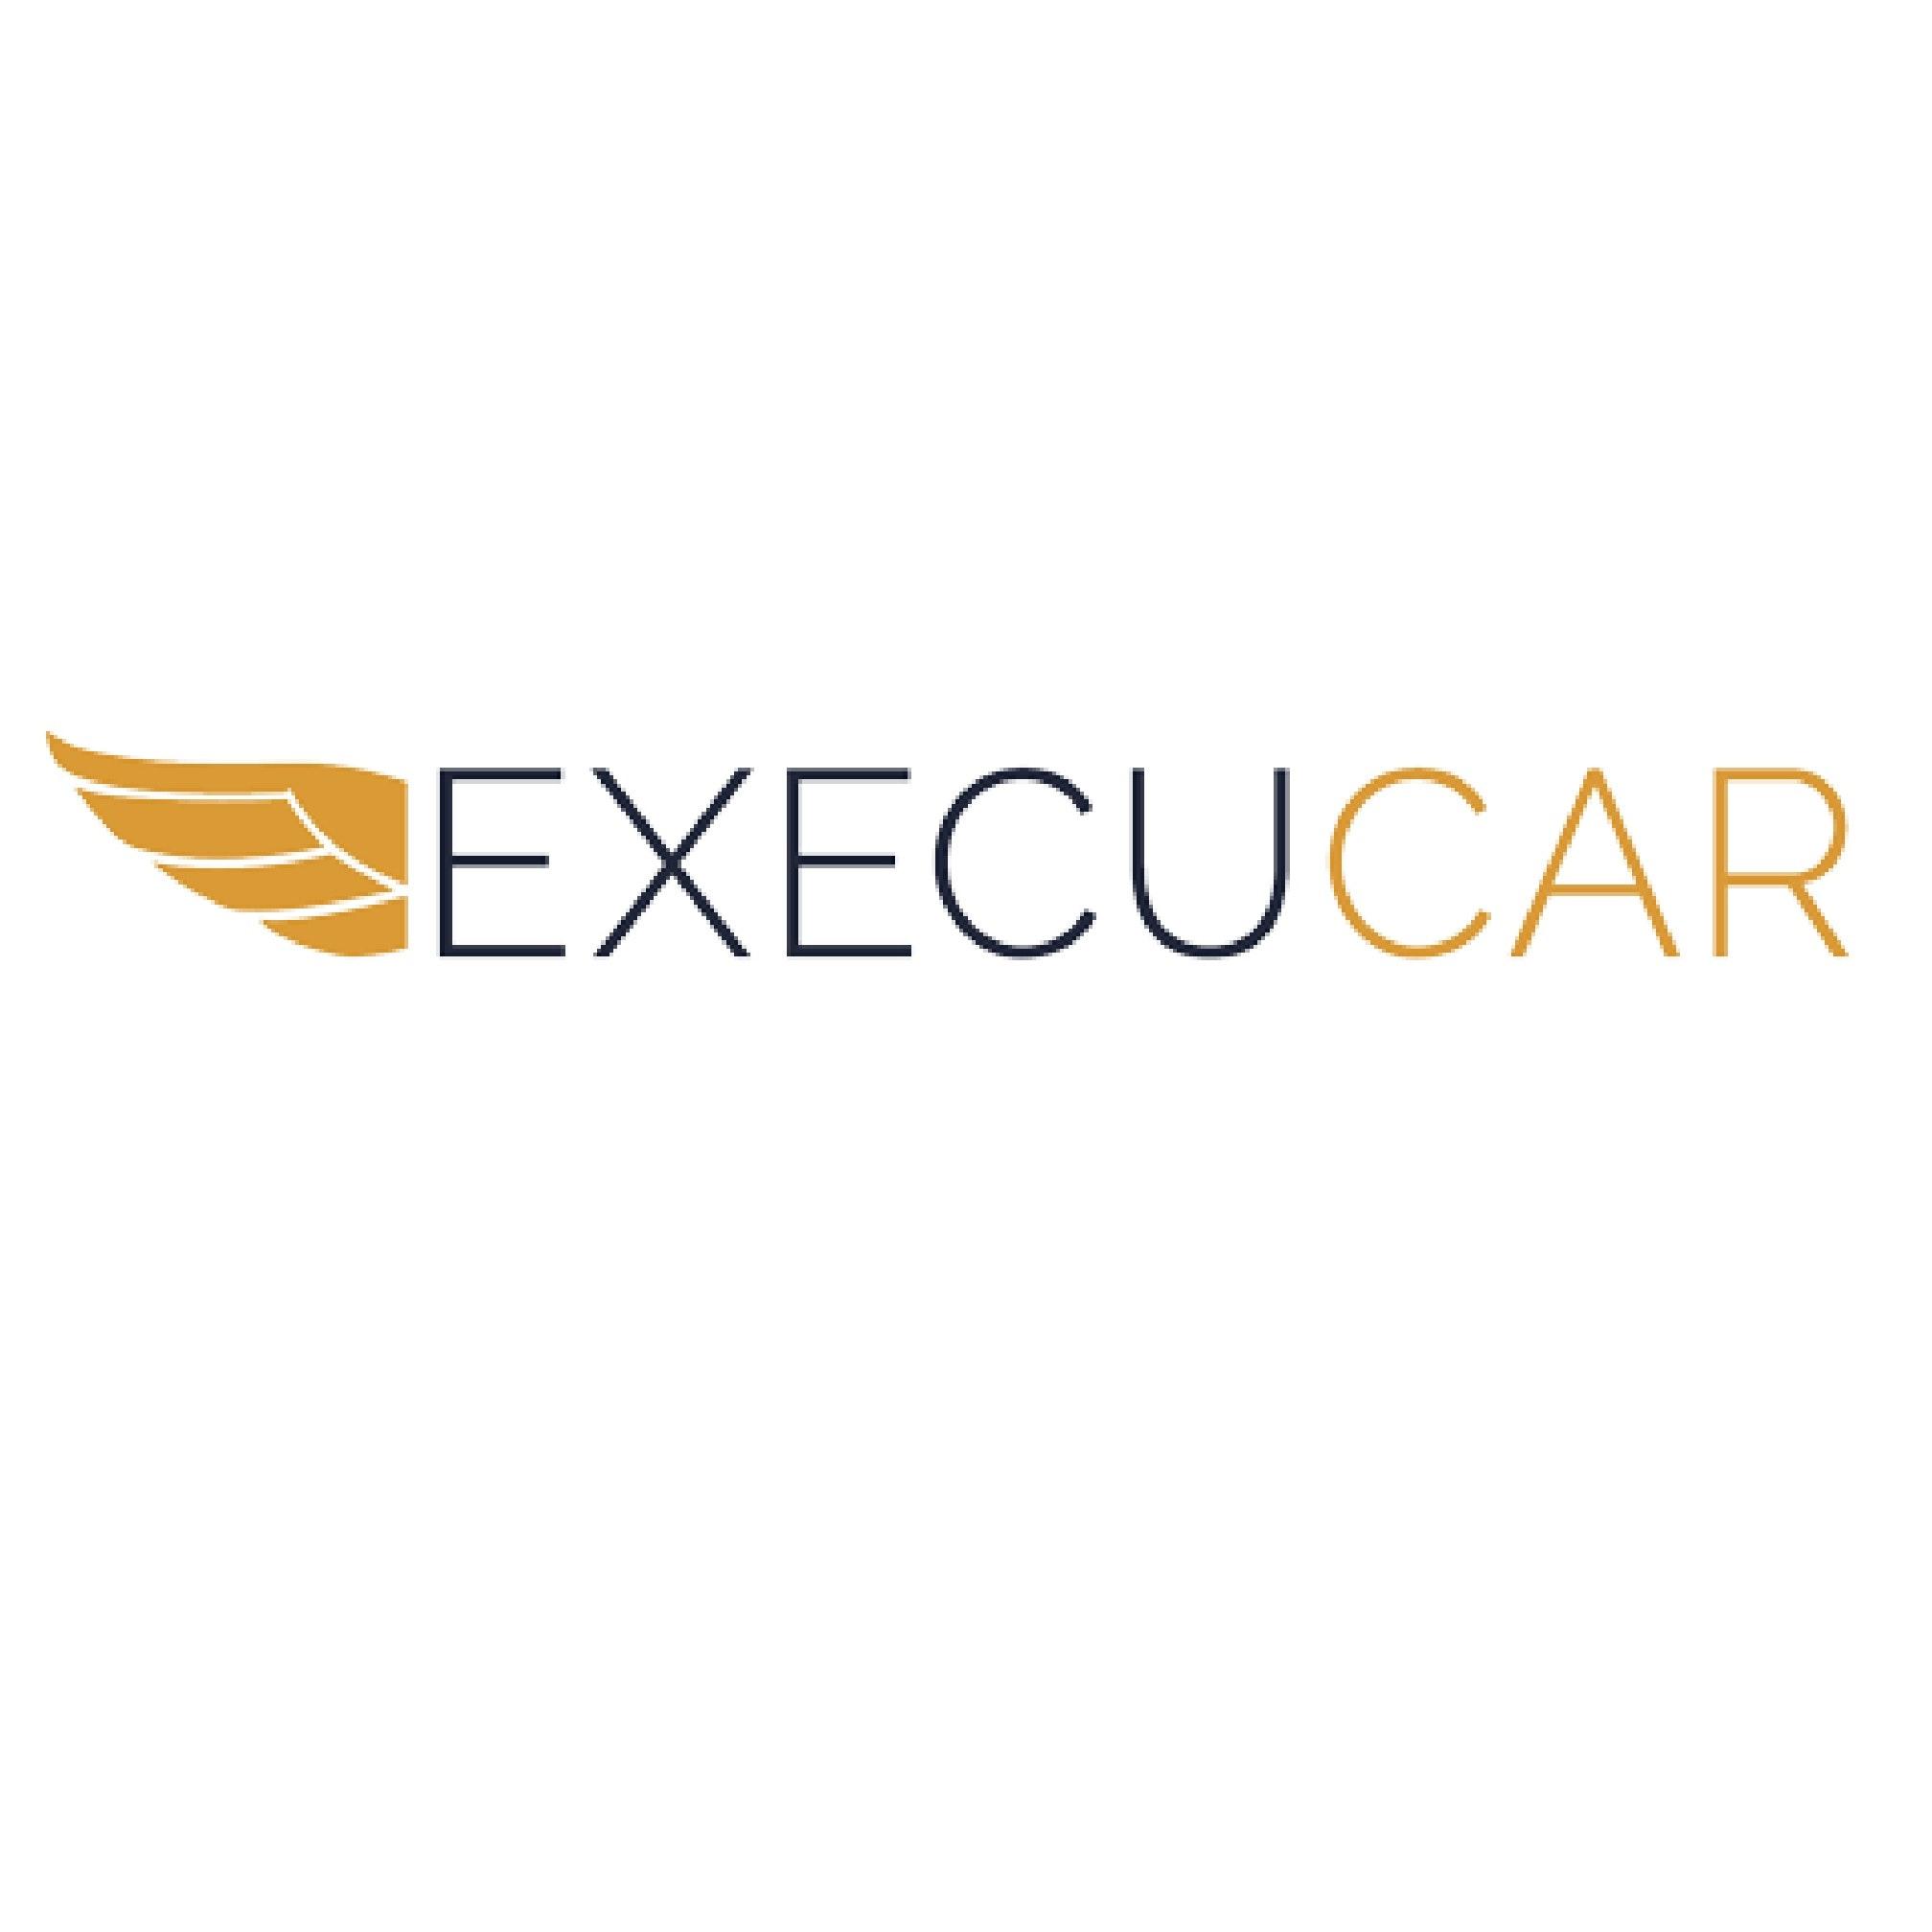 Execucar - Premium SUV logo